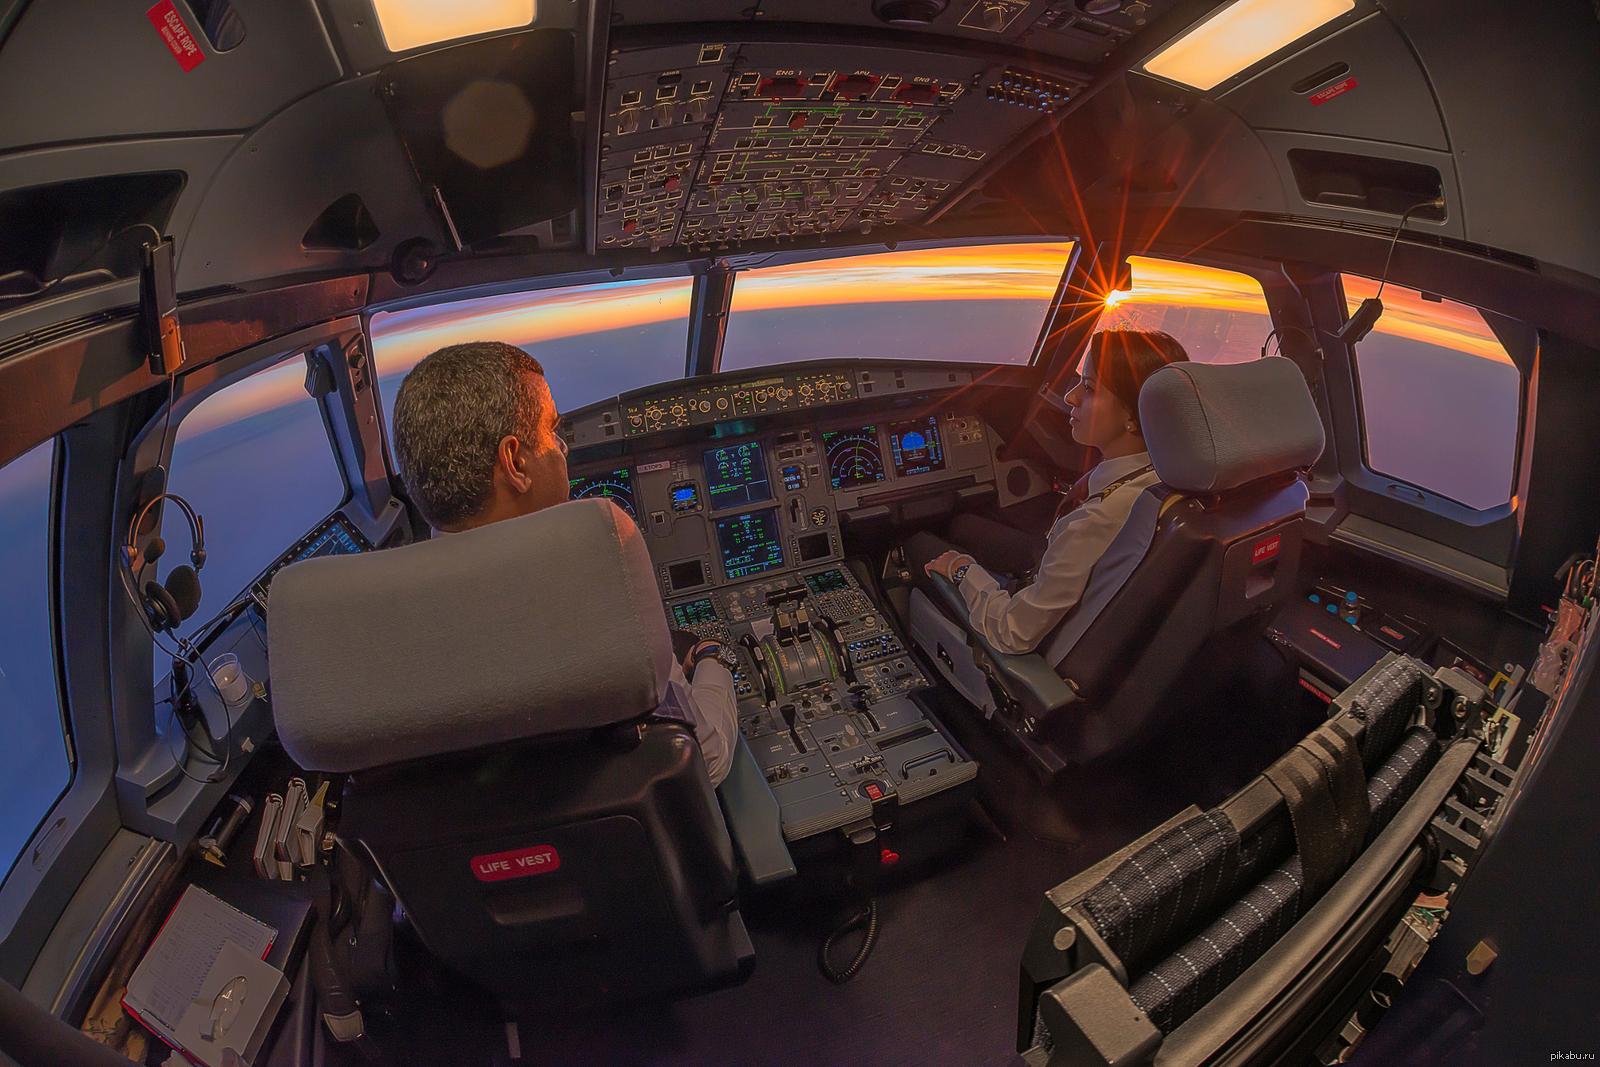 быстрый фото в кабине пилота самолета стоимость